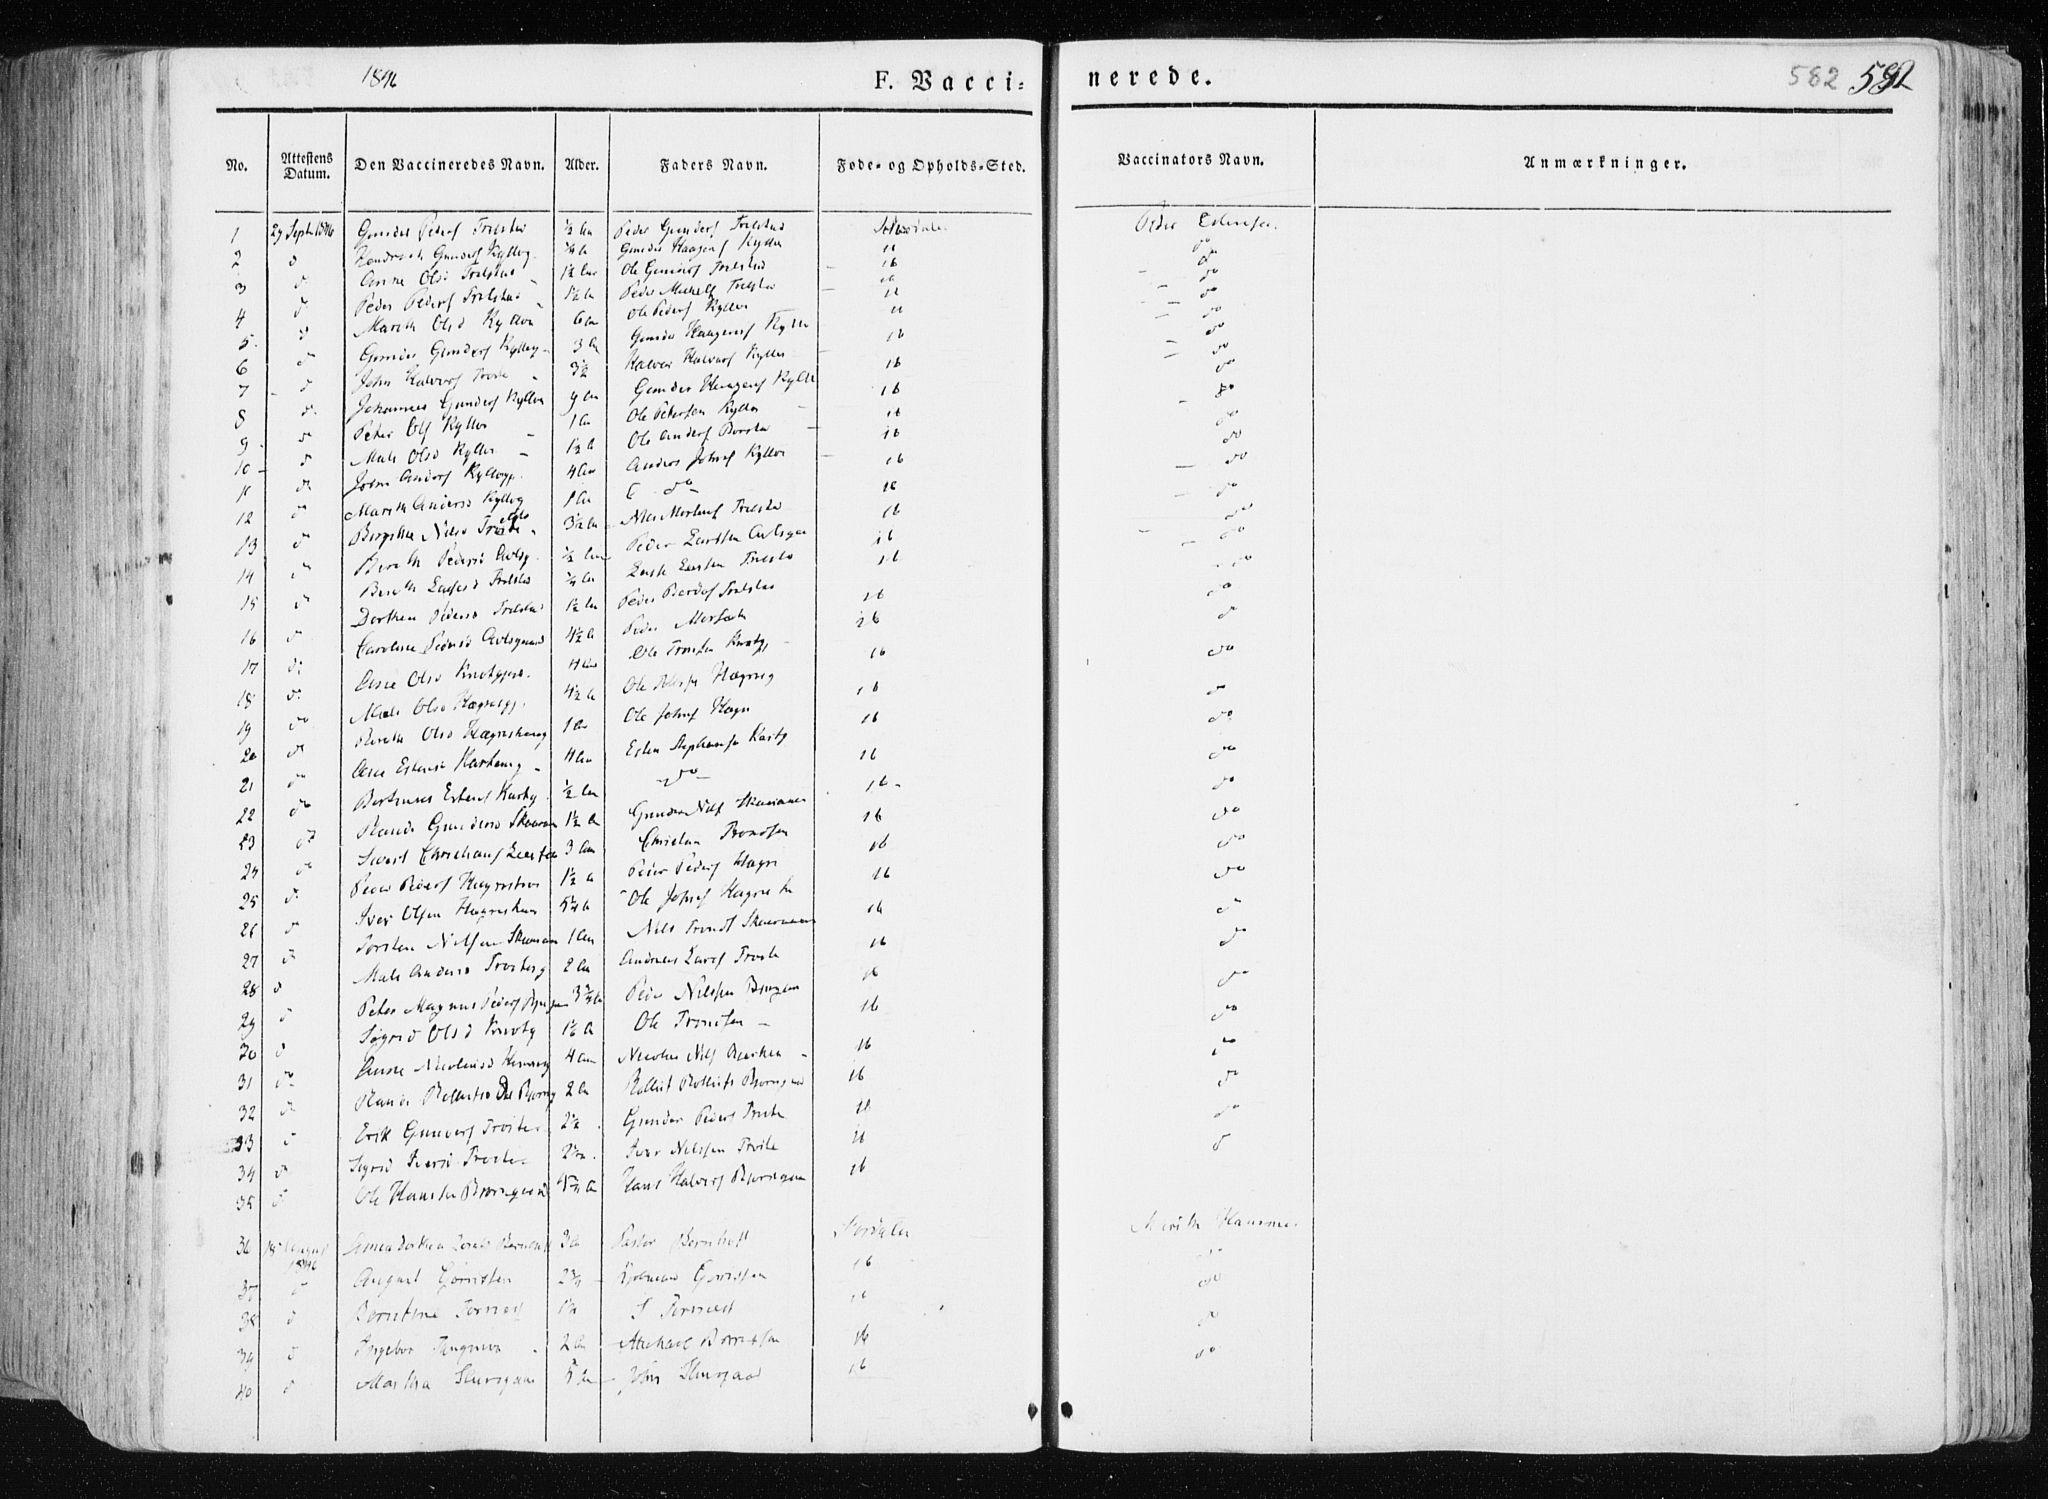 SAT, Ministerialprotokoller, klokkerbøker og fødselsregistre - Nord-Trøndelag, 709/L0074: Parish register (official) no. 709A14, 1845-1858, p. 582